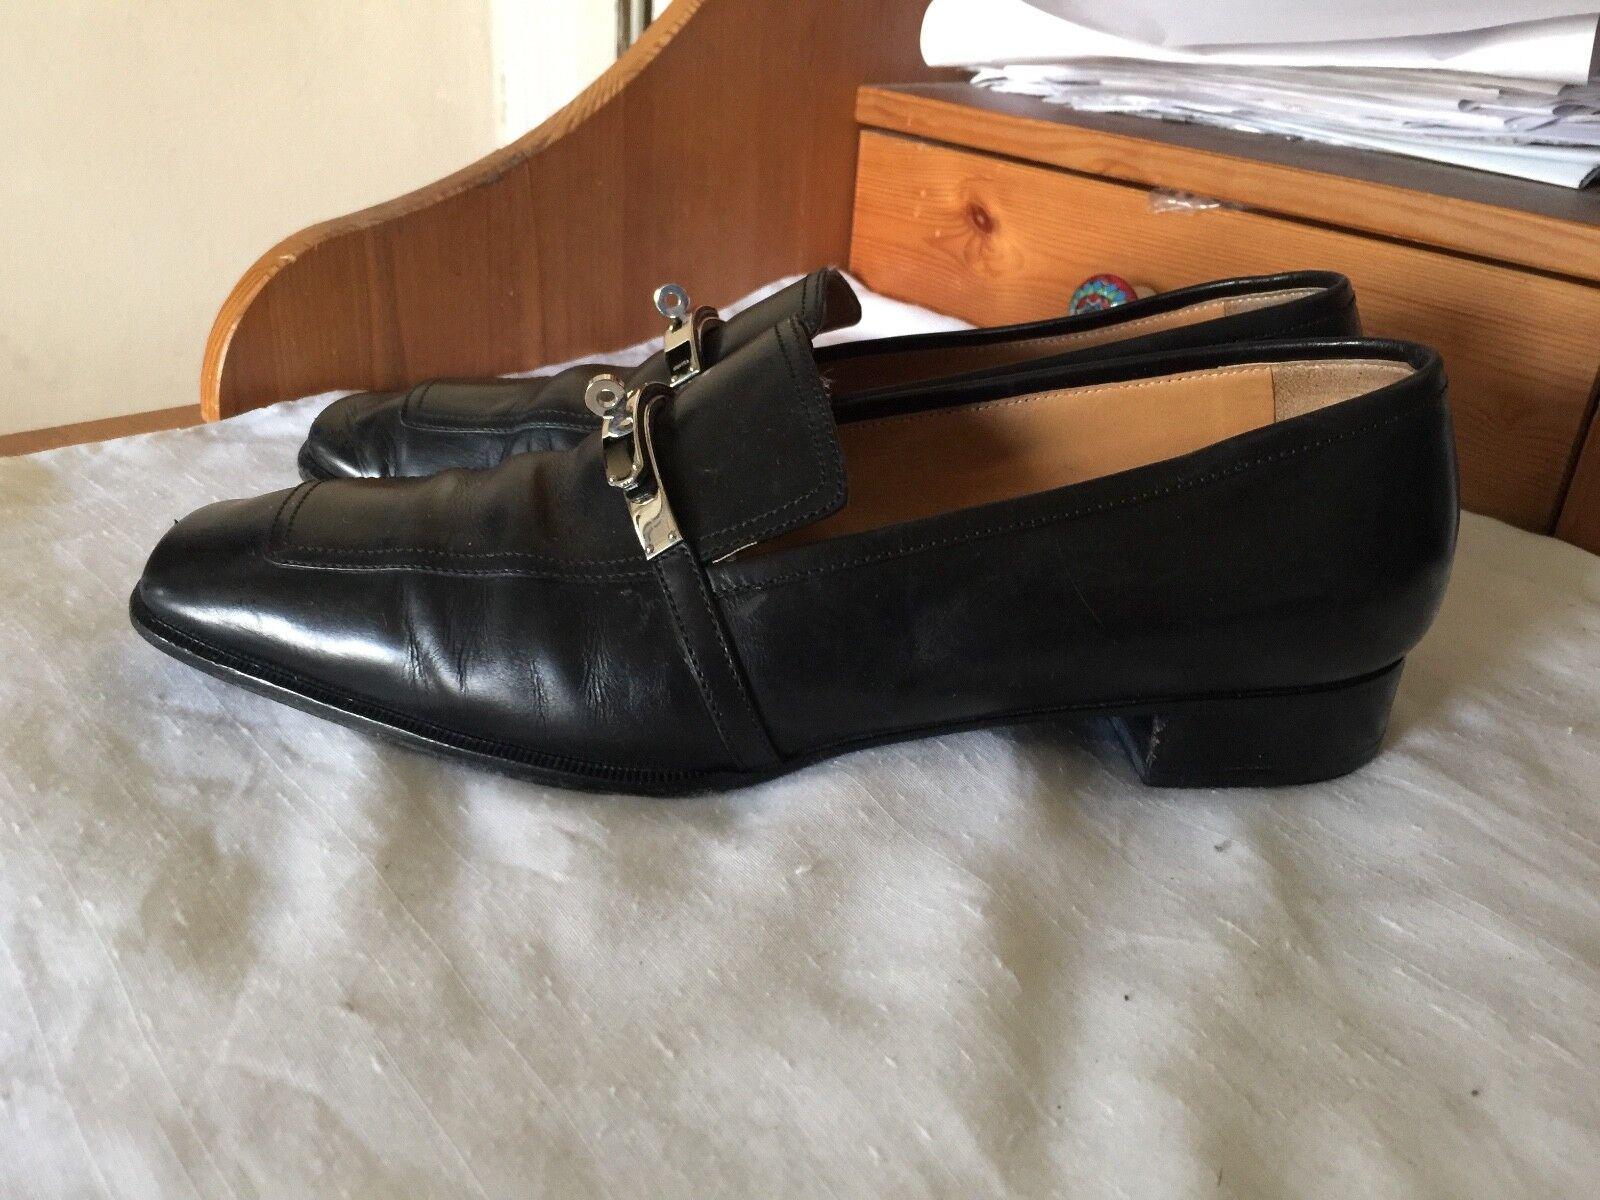 clienti prima reputazione prima HERMES DRESS DRESS DRESS scarpe Dimensione 40.5 US 9.5 leather 10.75  ITALY nero  1210  risposta prima volta